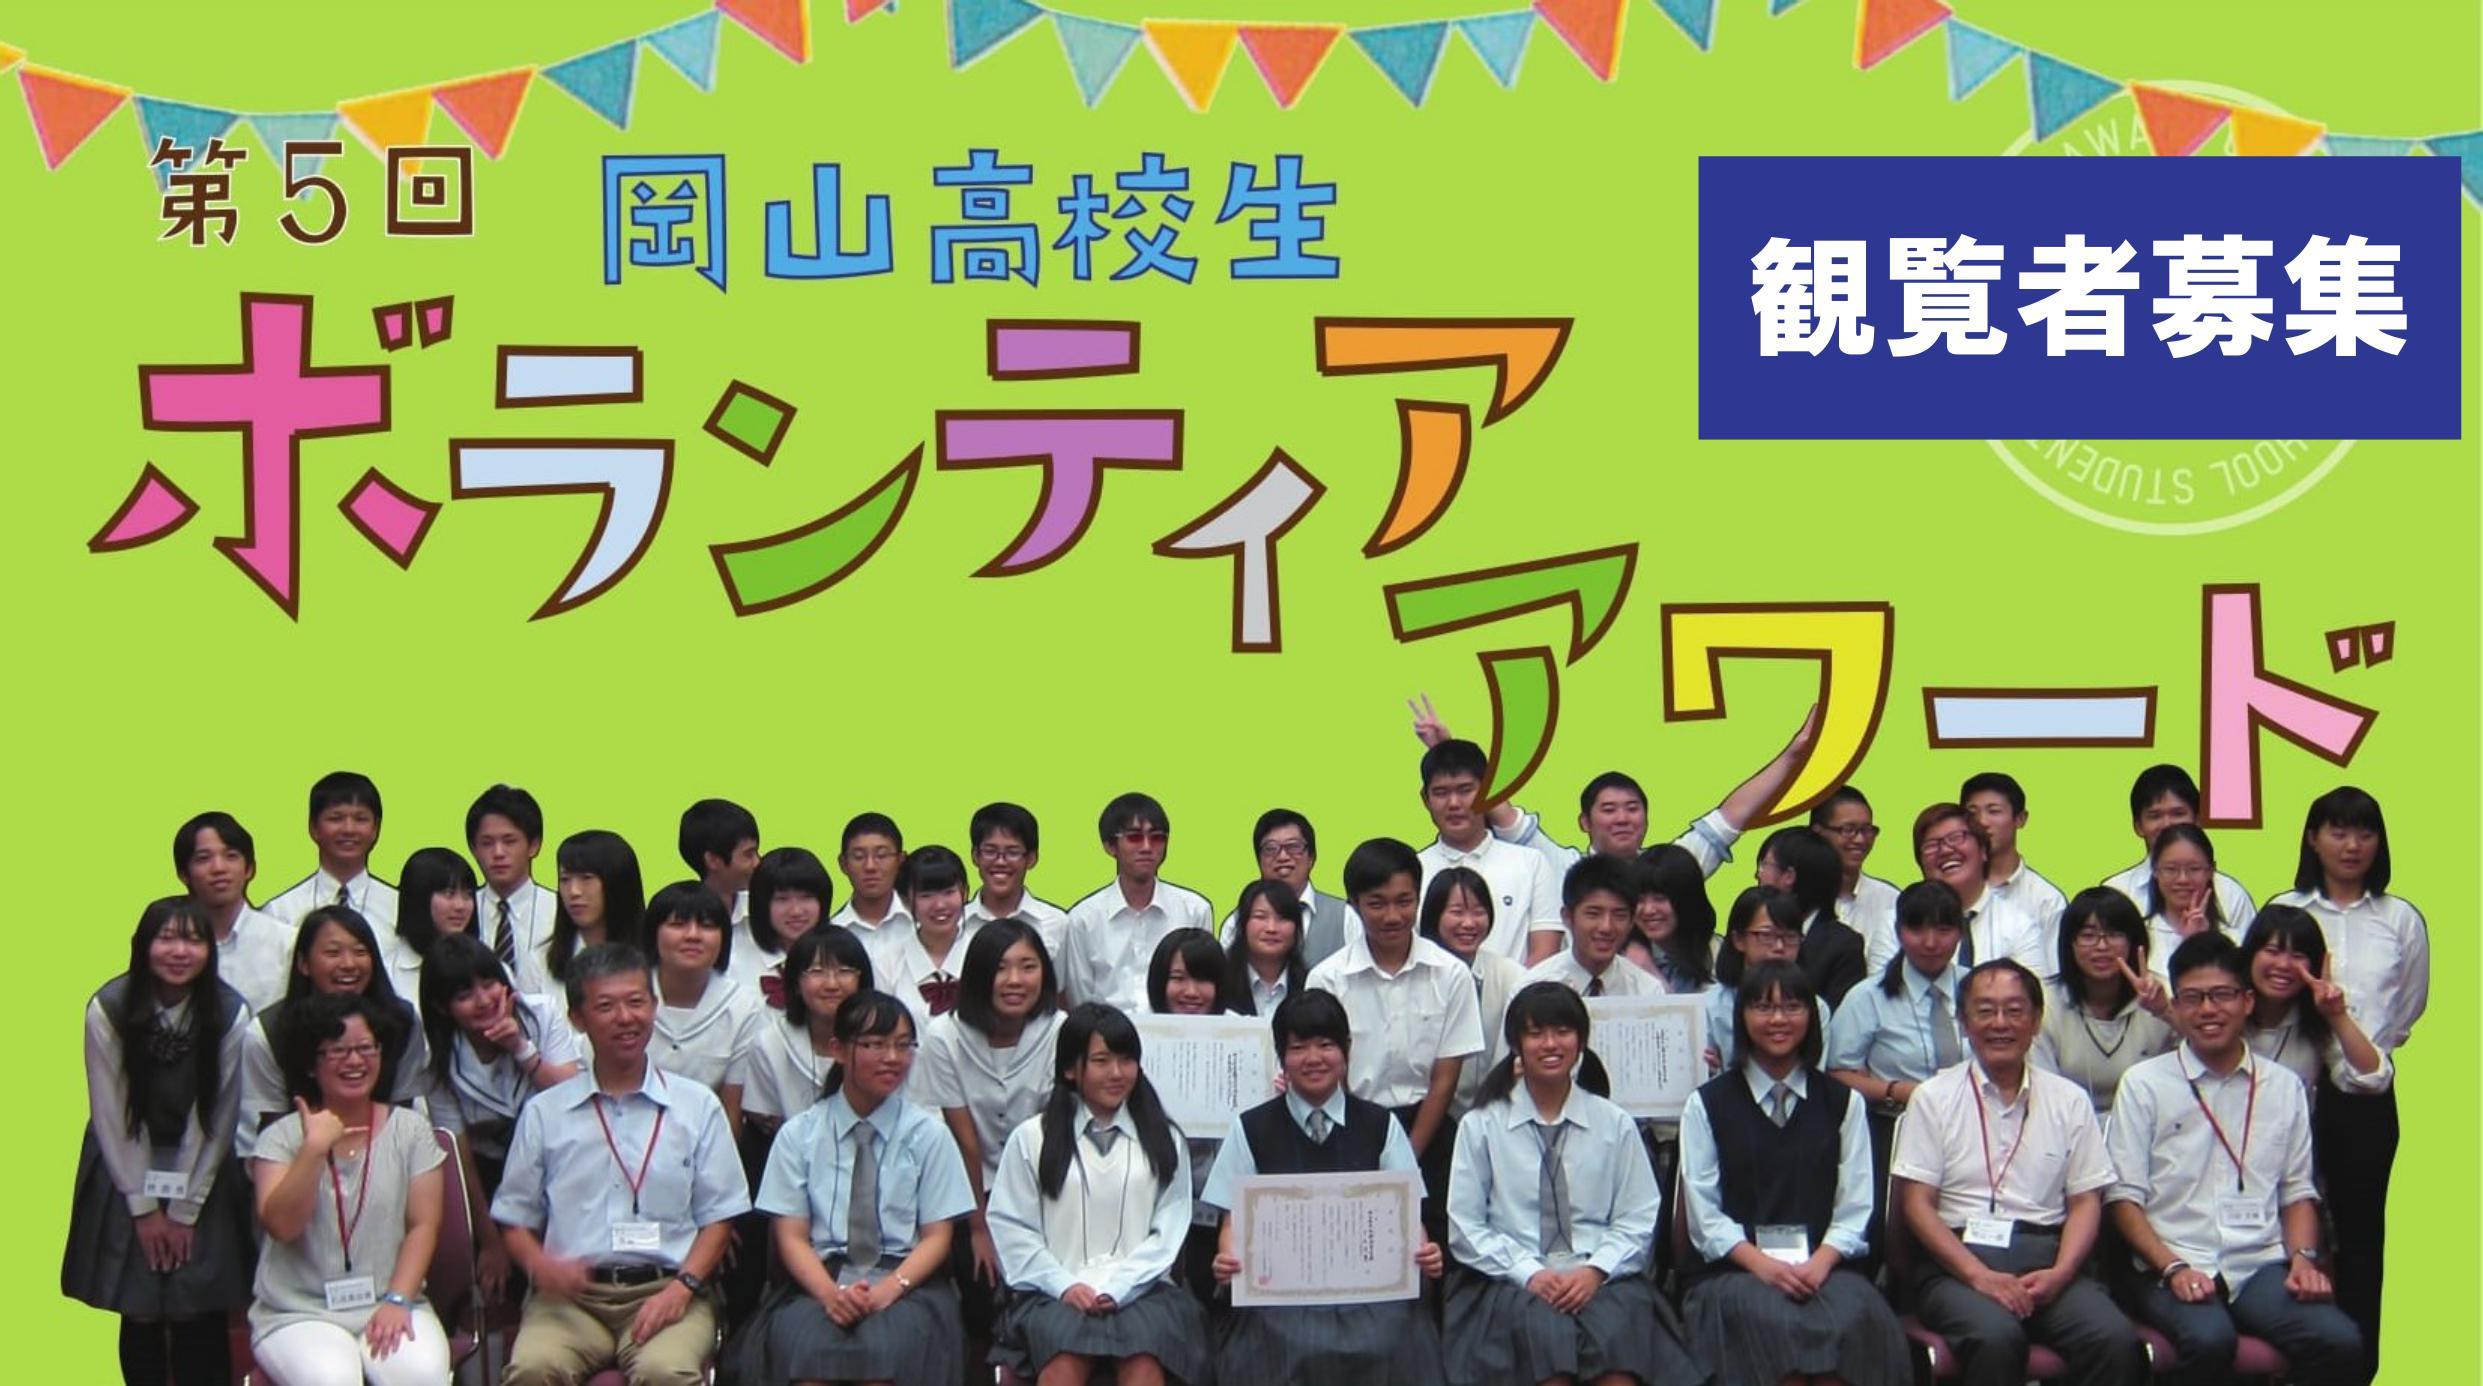 第5回岡山高校生ボランティア・アワード【観覧者大募集!!】